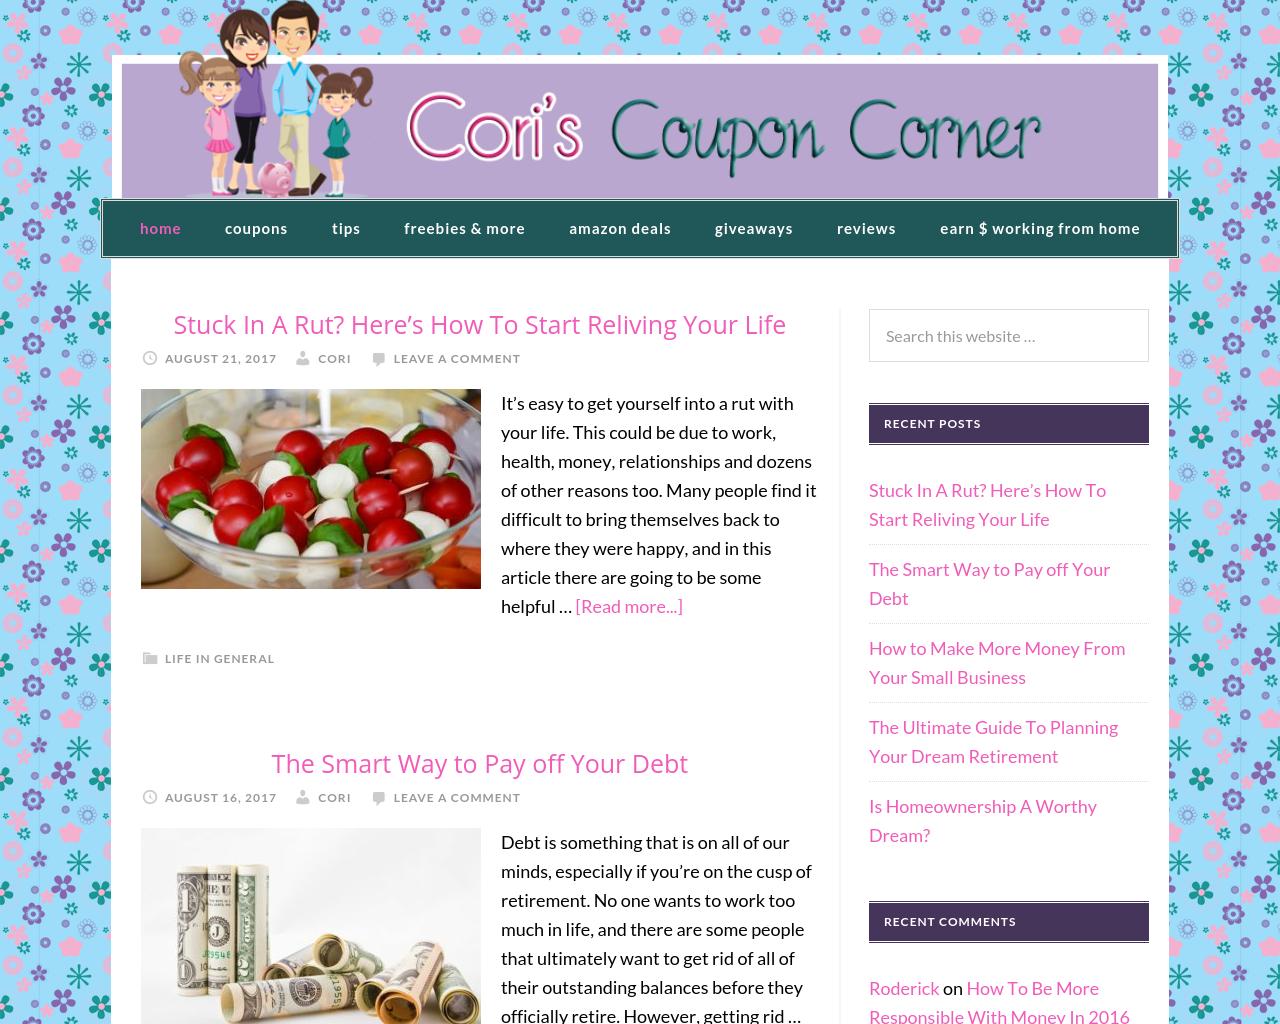 Cori's-Coupon-Corner-Advertising-Reviews-Pricing